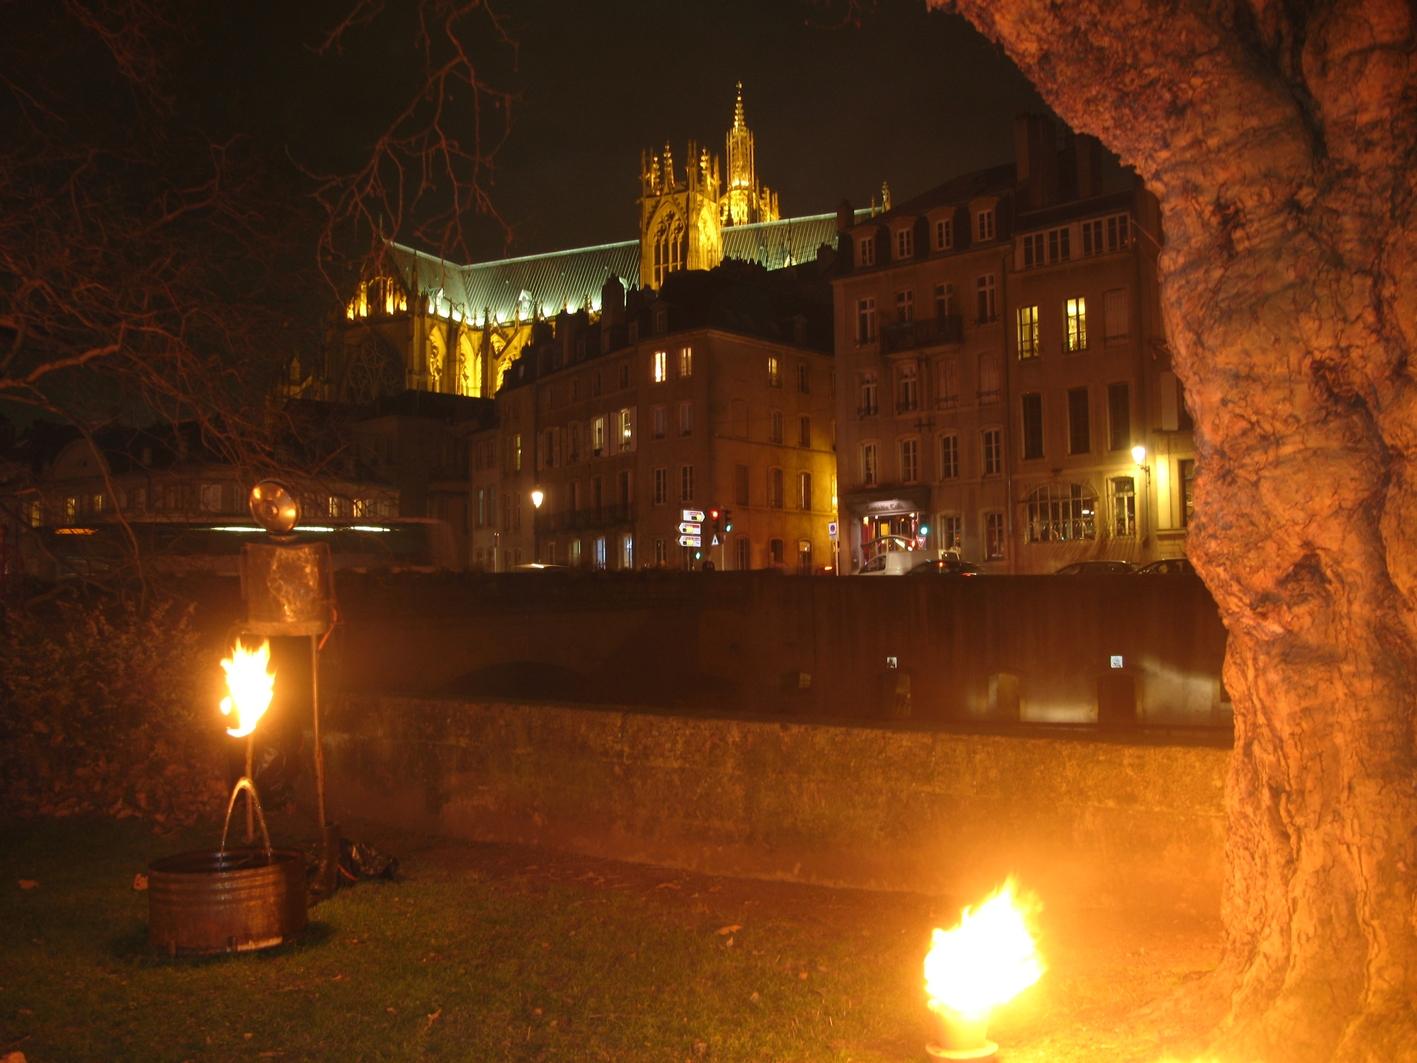 La cathédrale et les illuminations du marché de noël